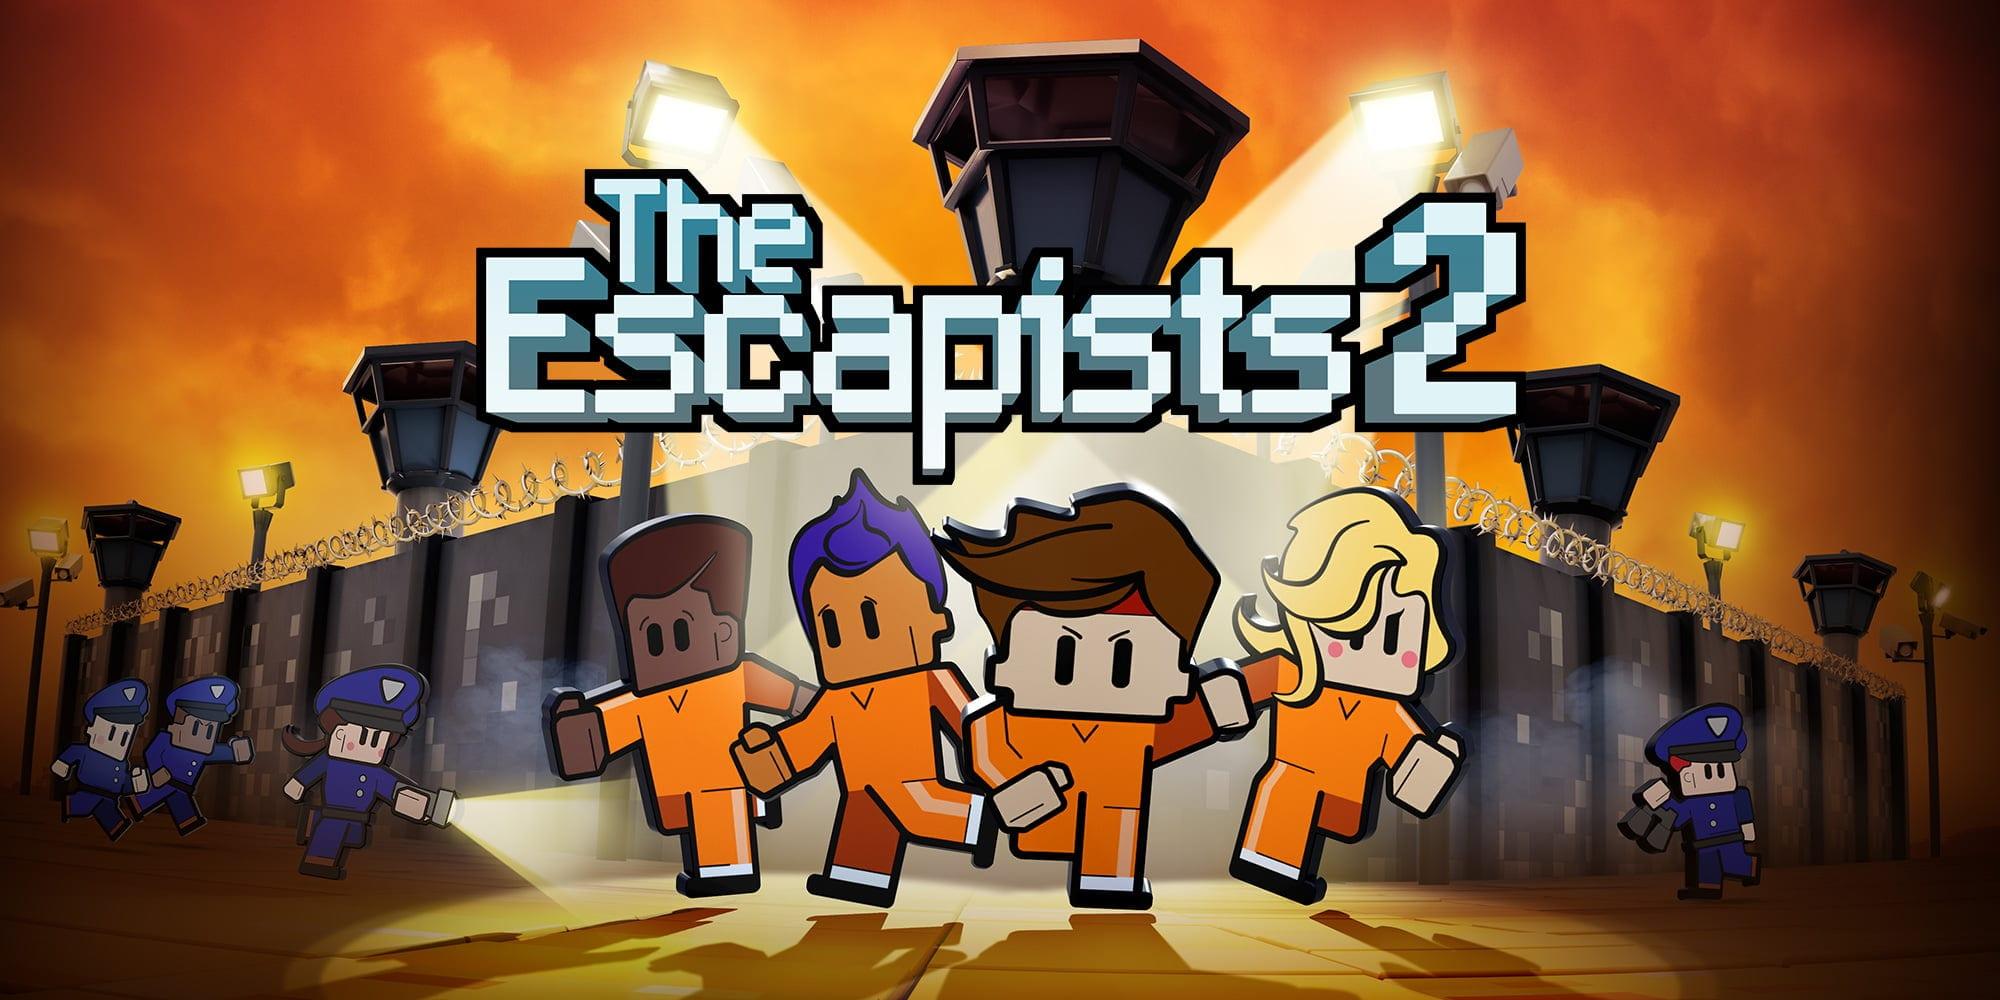 В Epic Games Store можно бесплатно получить игры Pathway и The Escapists 2